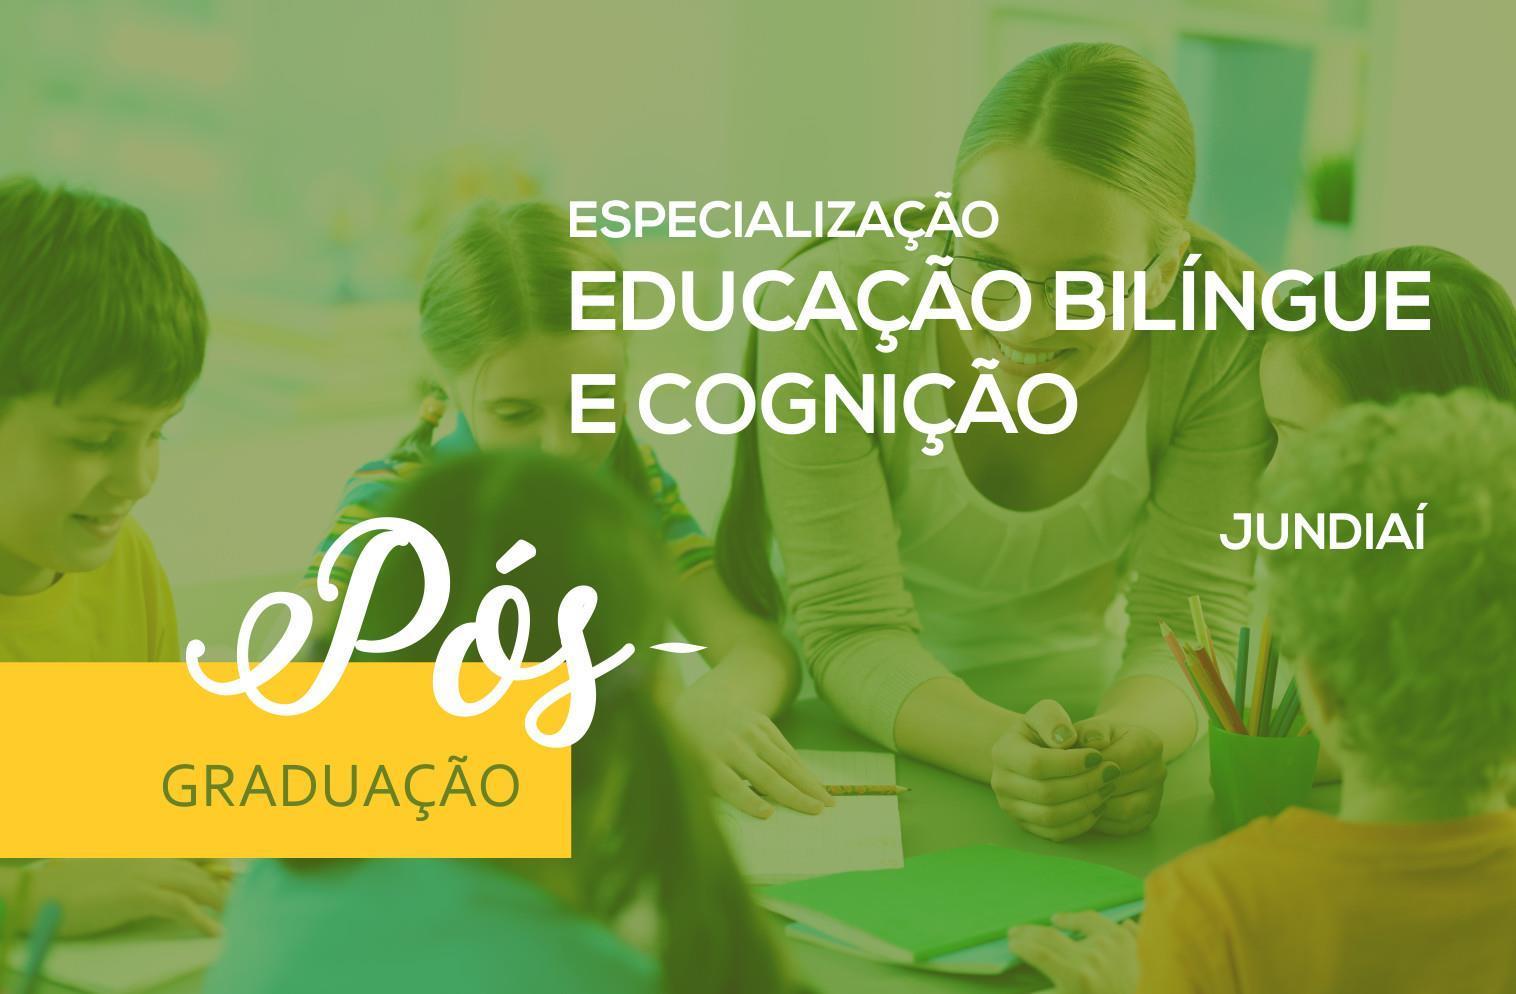 Especialização em Educação Bilíngue e Cognição -  Jundiaí